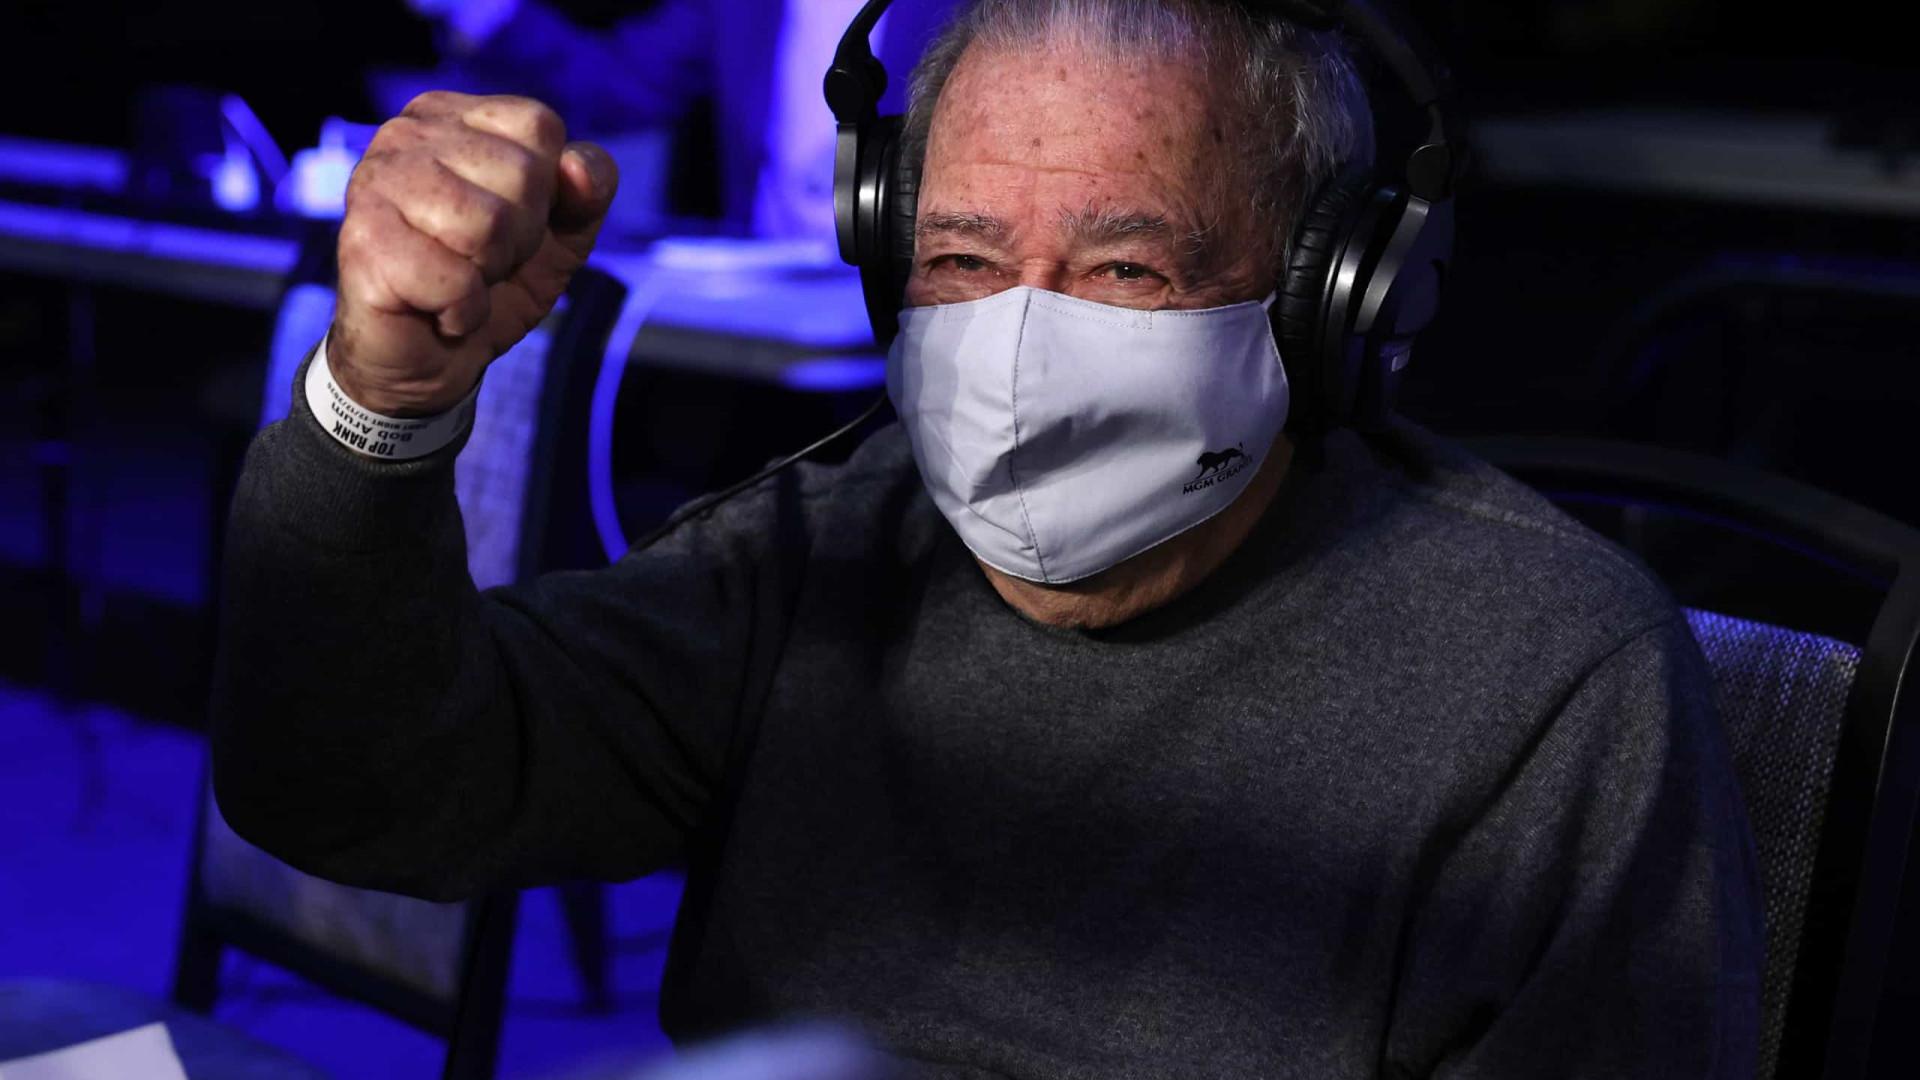 Bob Arum garante luta entre Anthony Joshua e Tyson Fury; anúncio oficial em breve